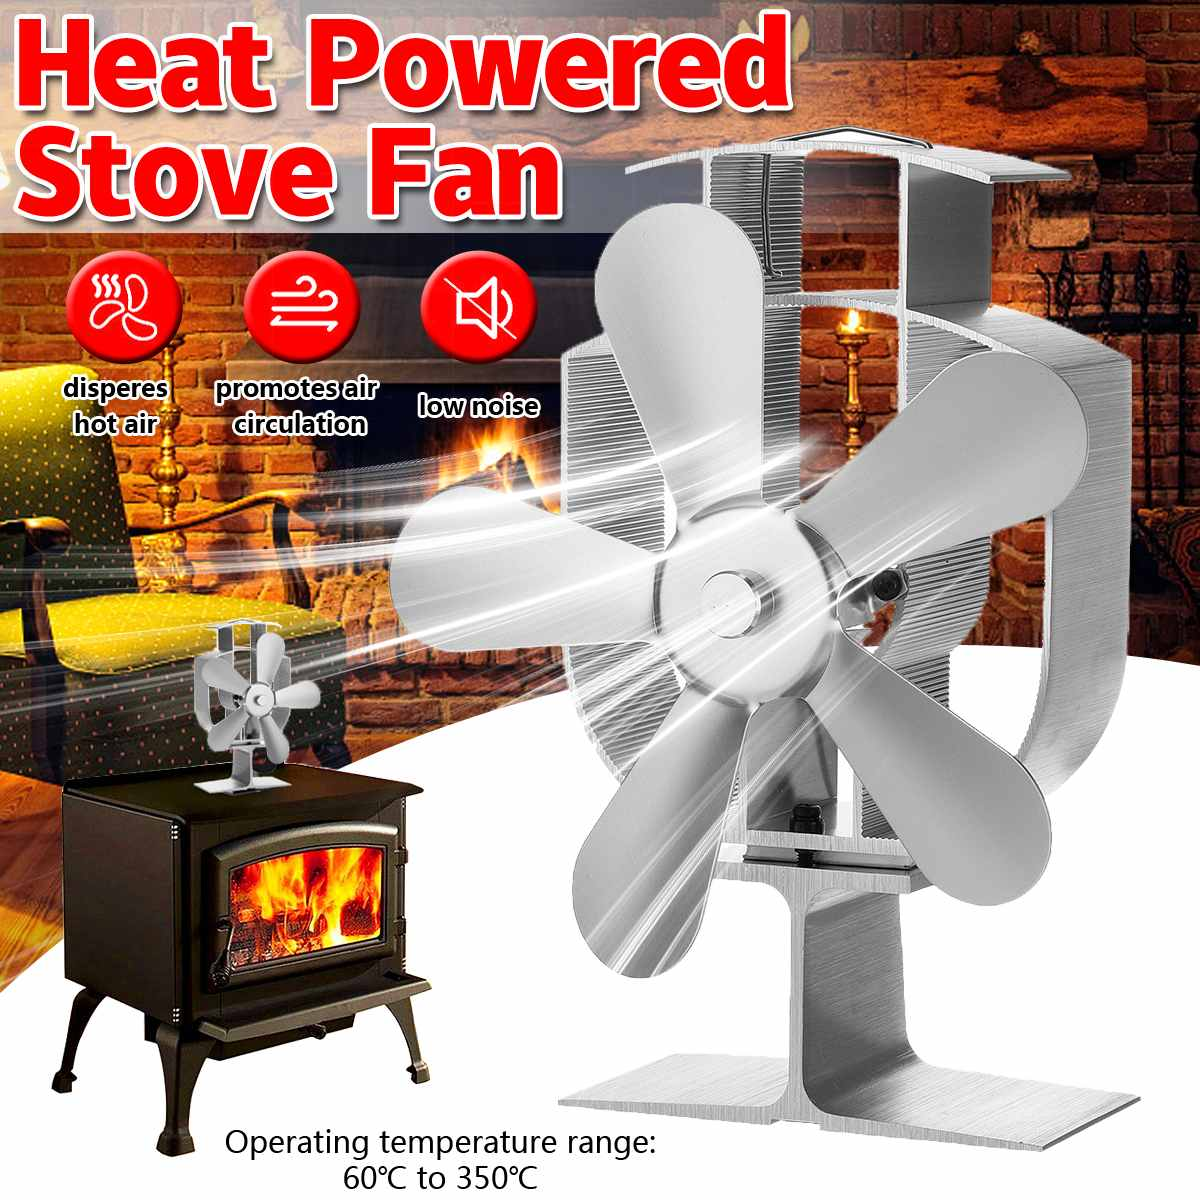 Stove Fan 4 Blade Fireplace Fan Heat Powered Komin Wood Burner Eco Fan Friendly Quiet Home Efficient Heat Distribution Silver